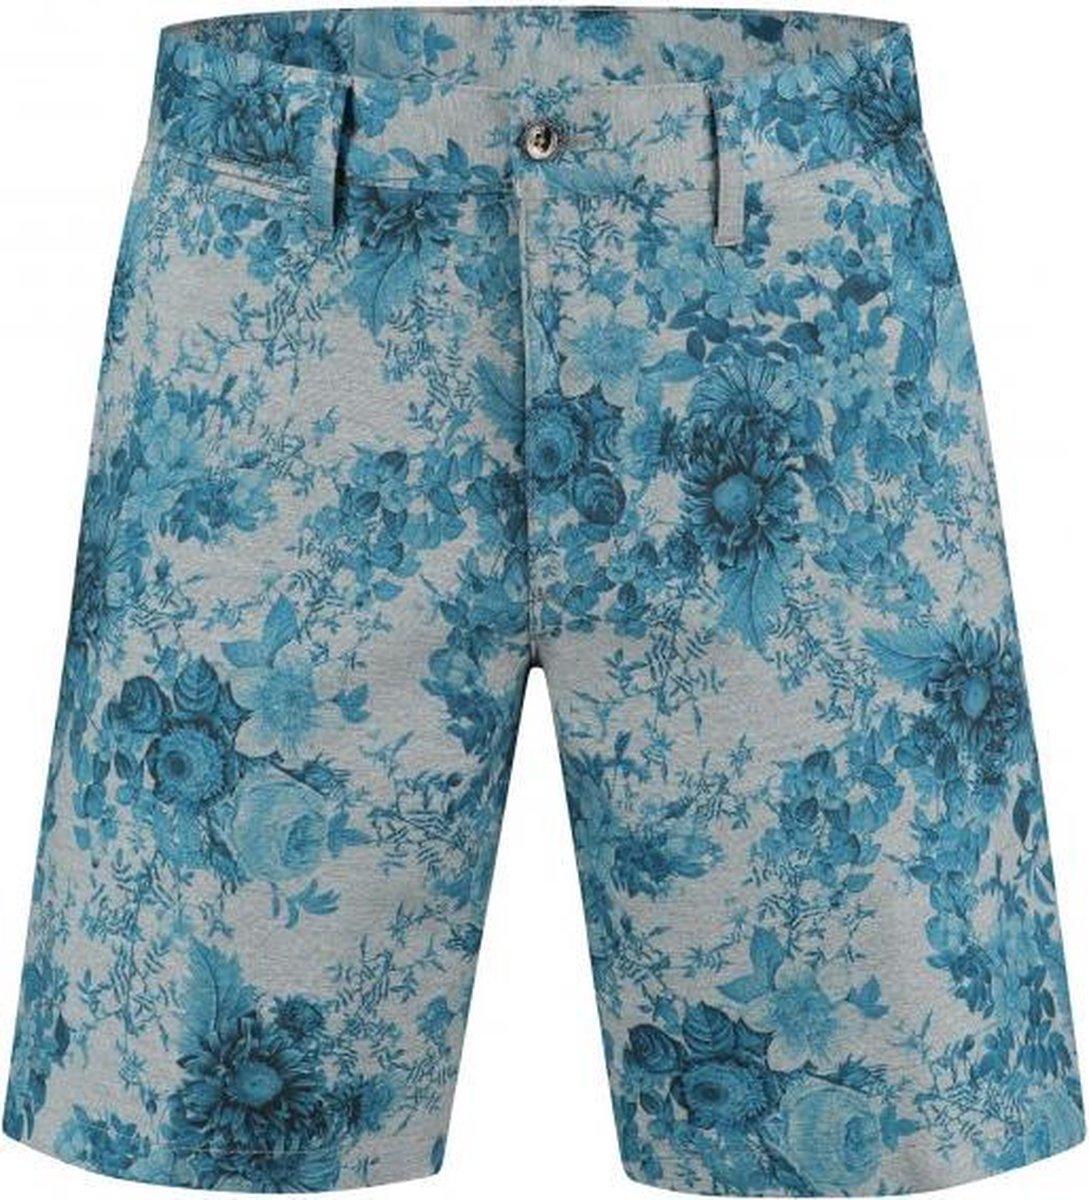 GENTS | jersey print bloem grijs-blauw 0080 Maat 50